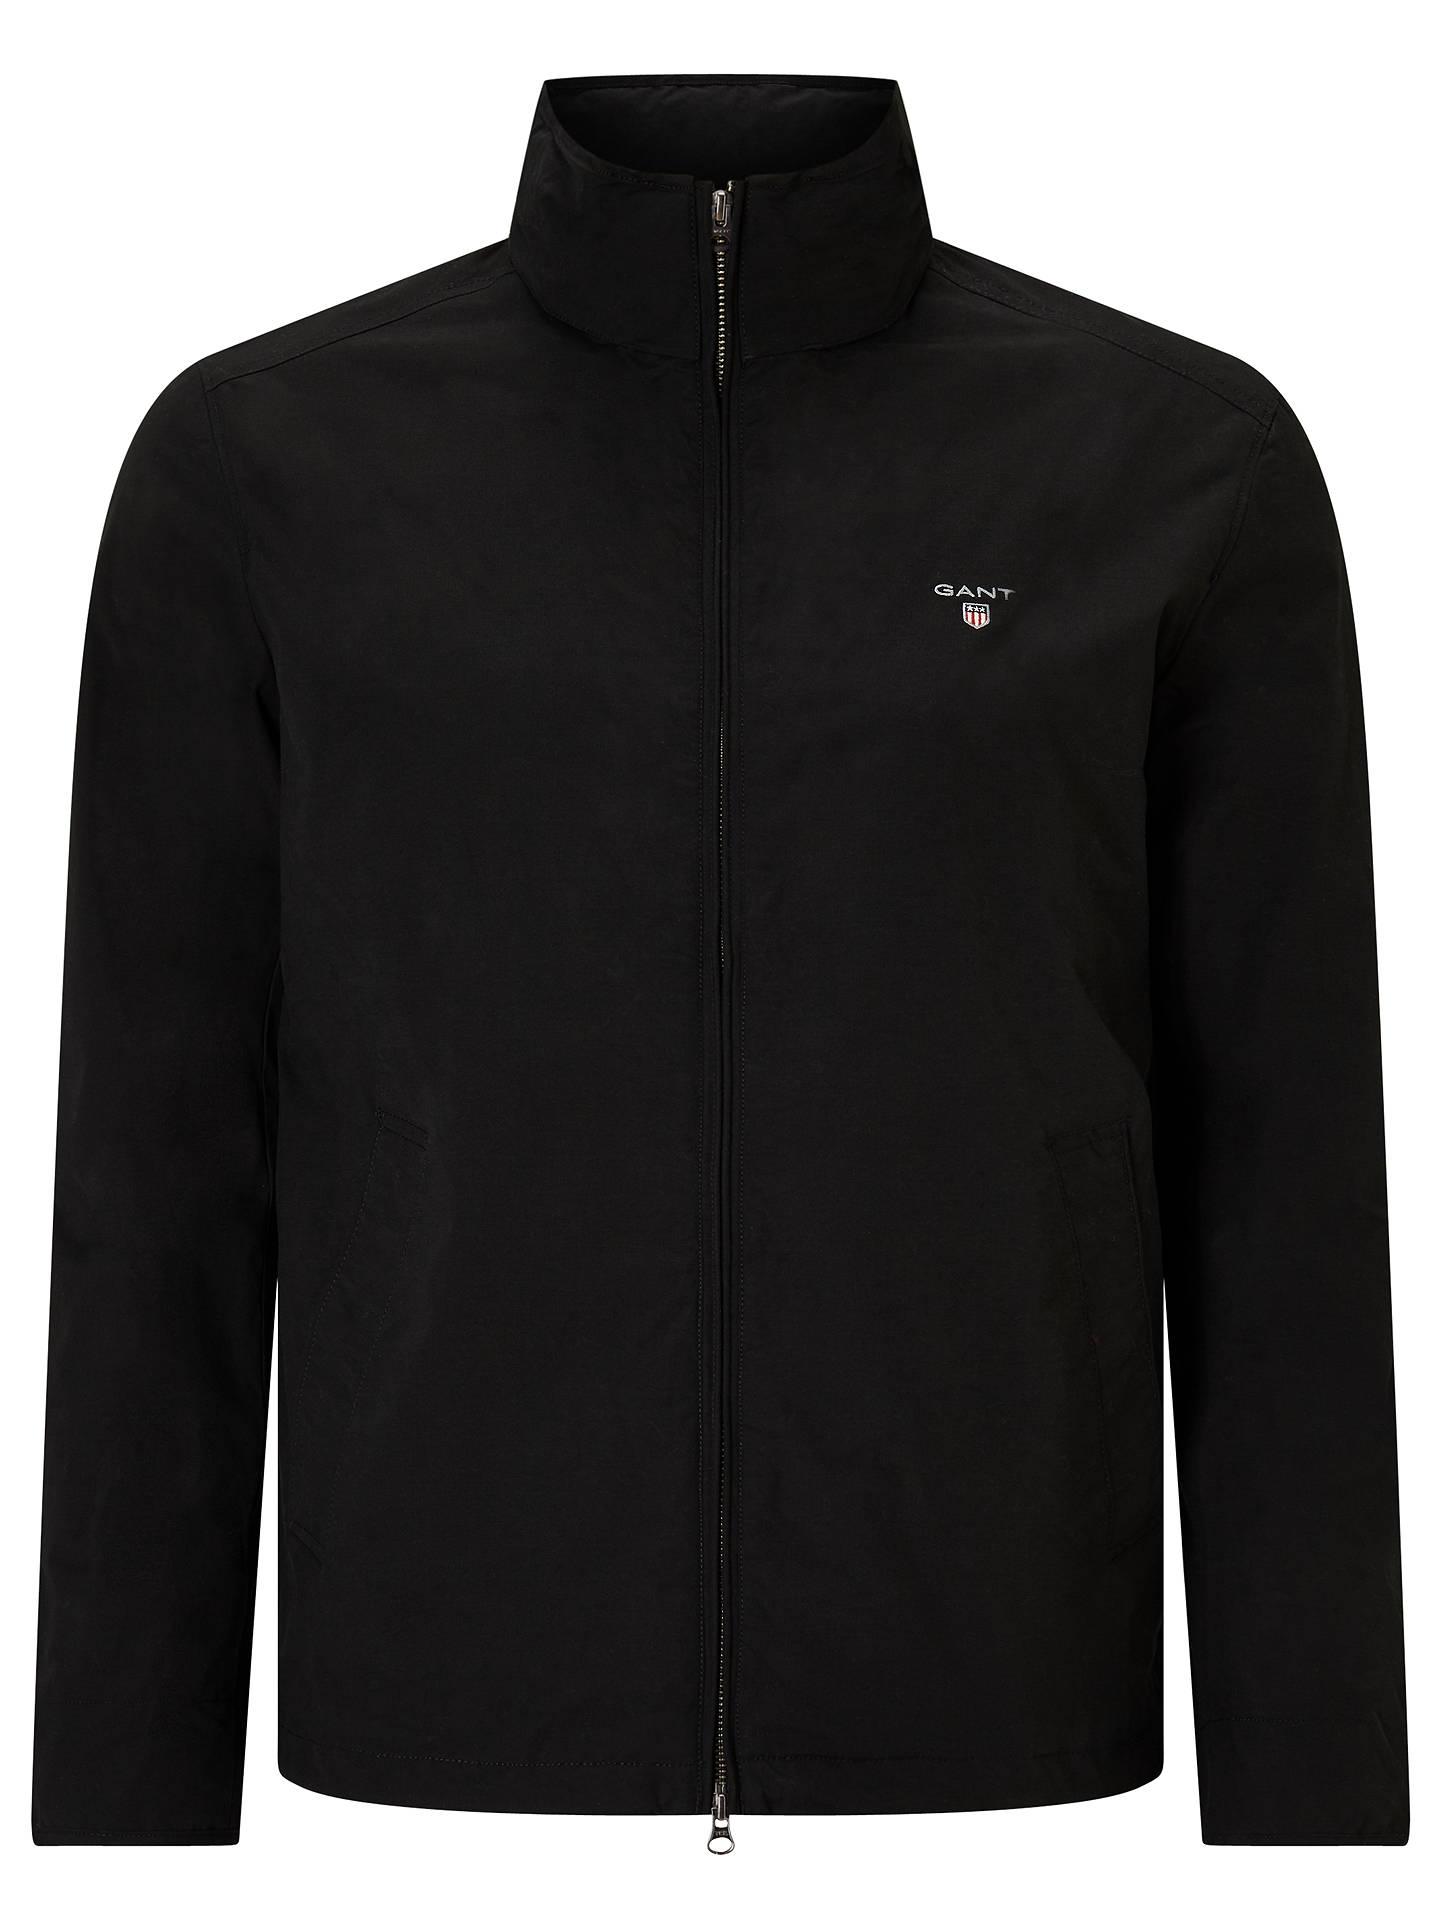 ee8a06bf0b Buy Gant Mid-Length Jacket, Black, S Online at johnlewis.com ...